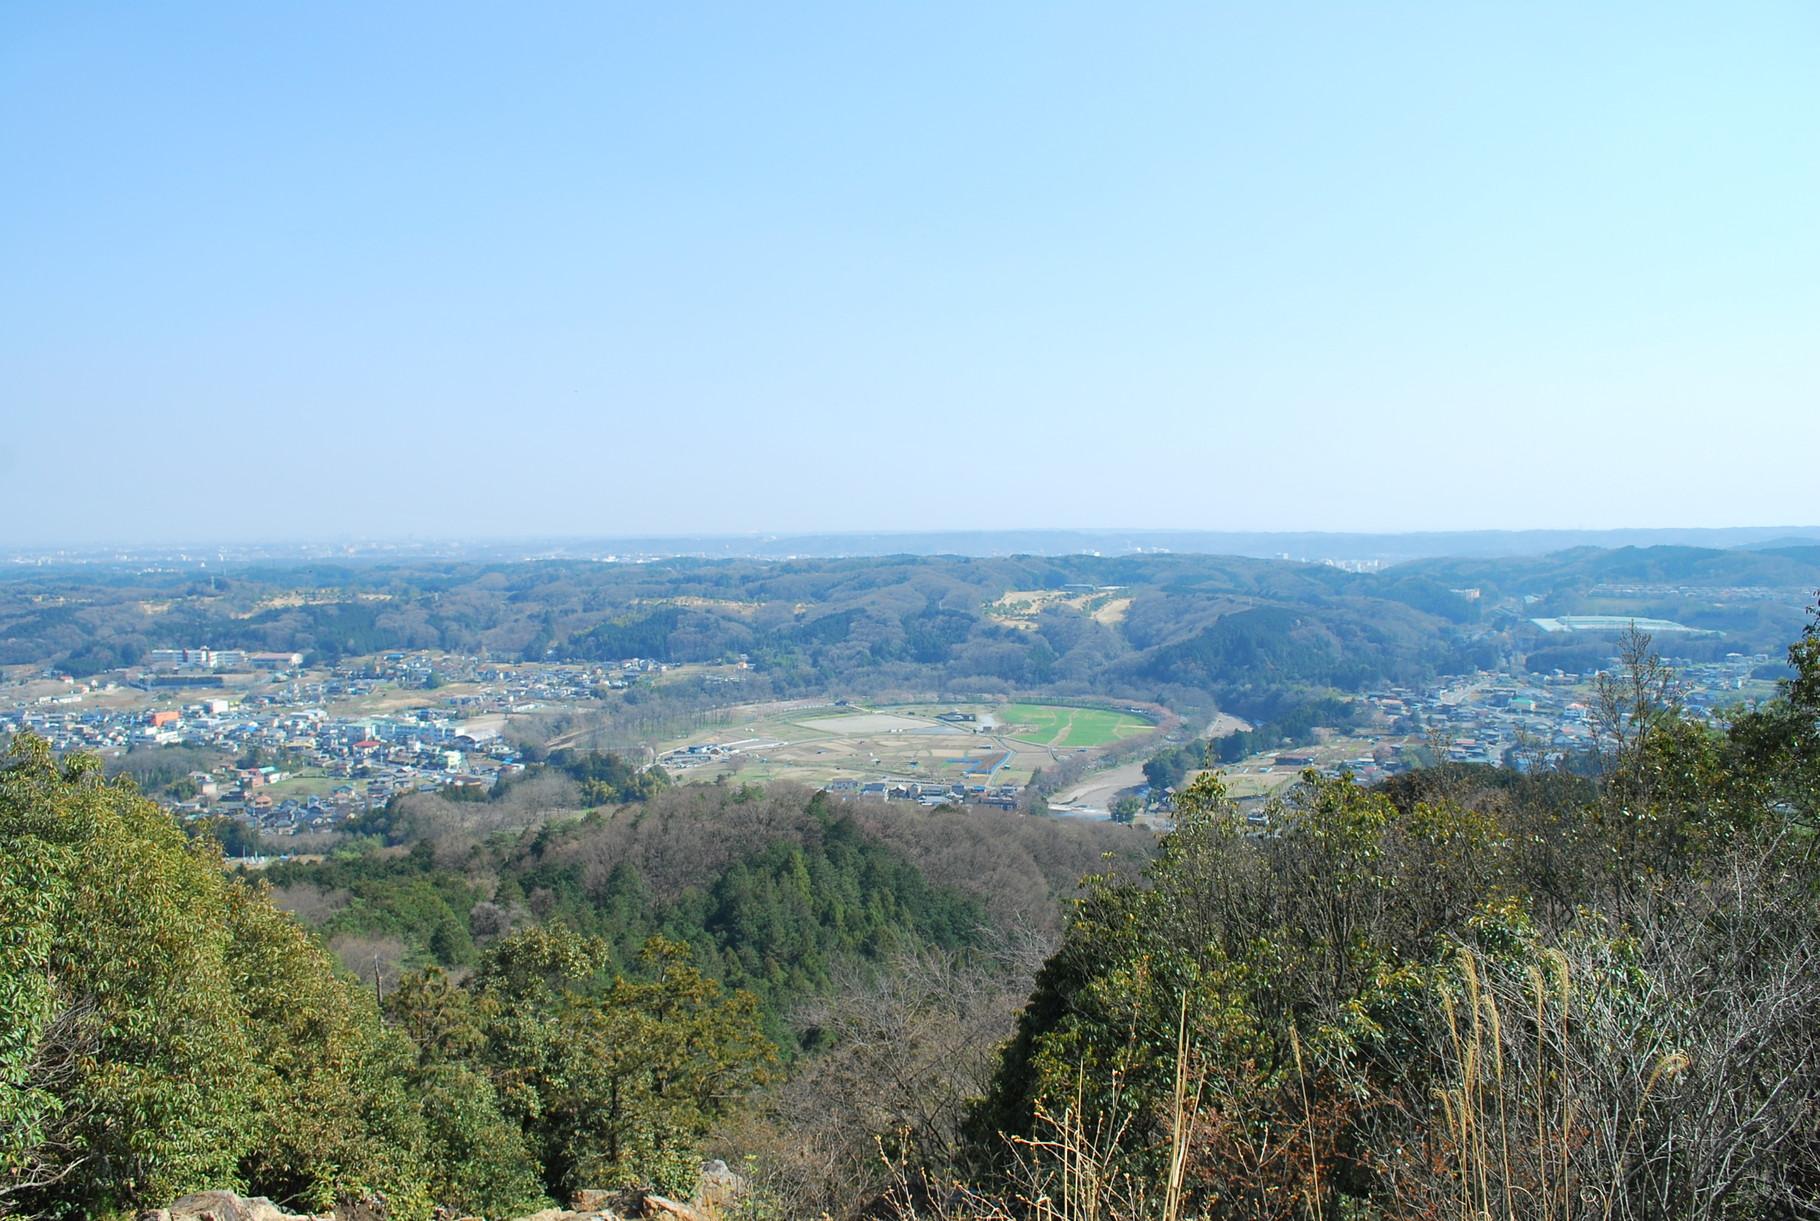 教会から徒歩圏内の日和田山からの景色。春には桜と菜の花、秋には曼珠沙華の巾着田が見えます。富士山もスカイツリーも見えます。